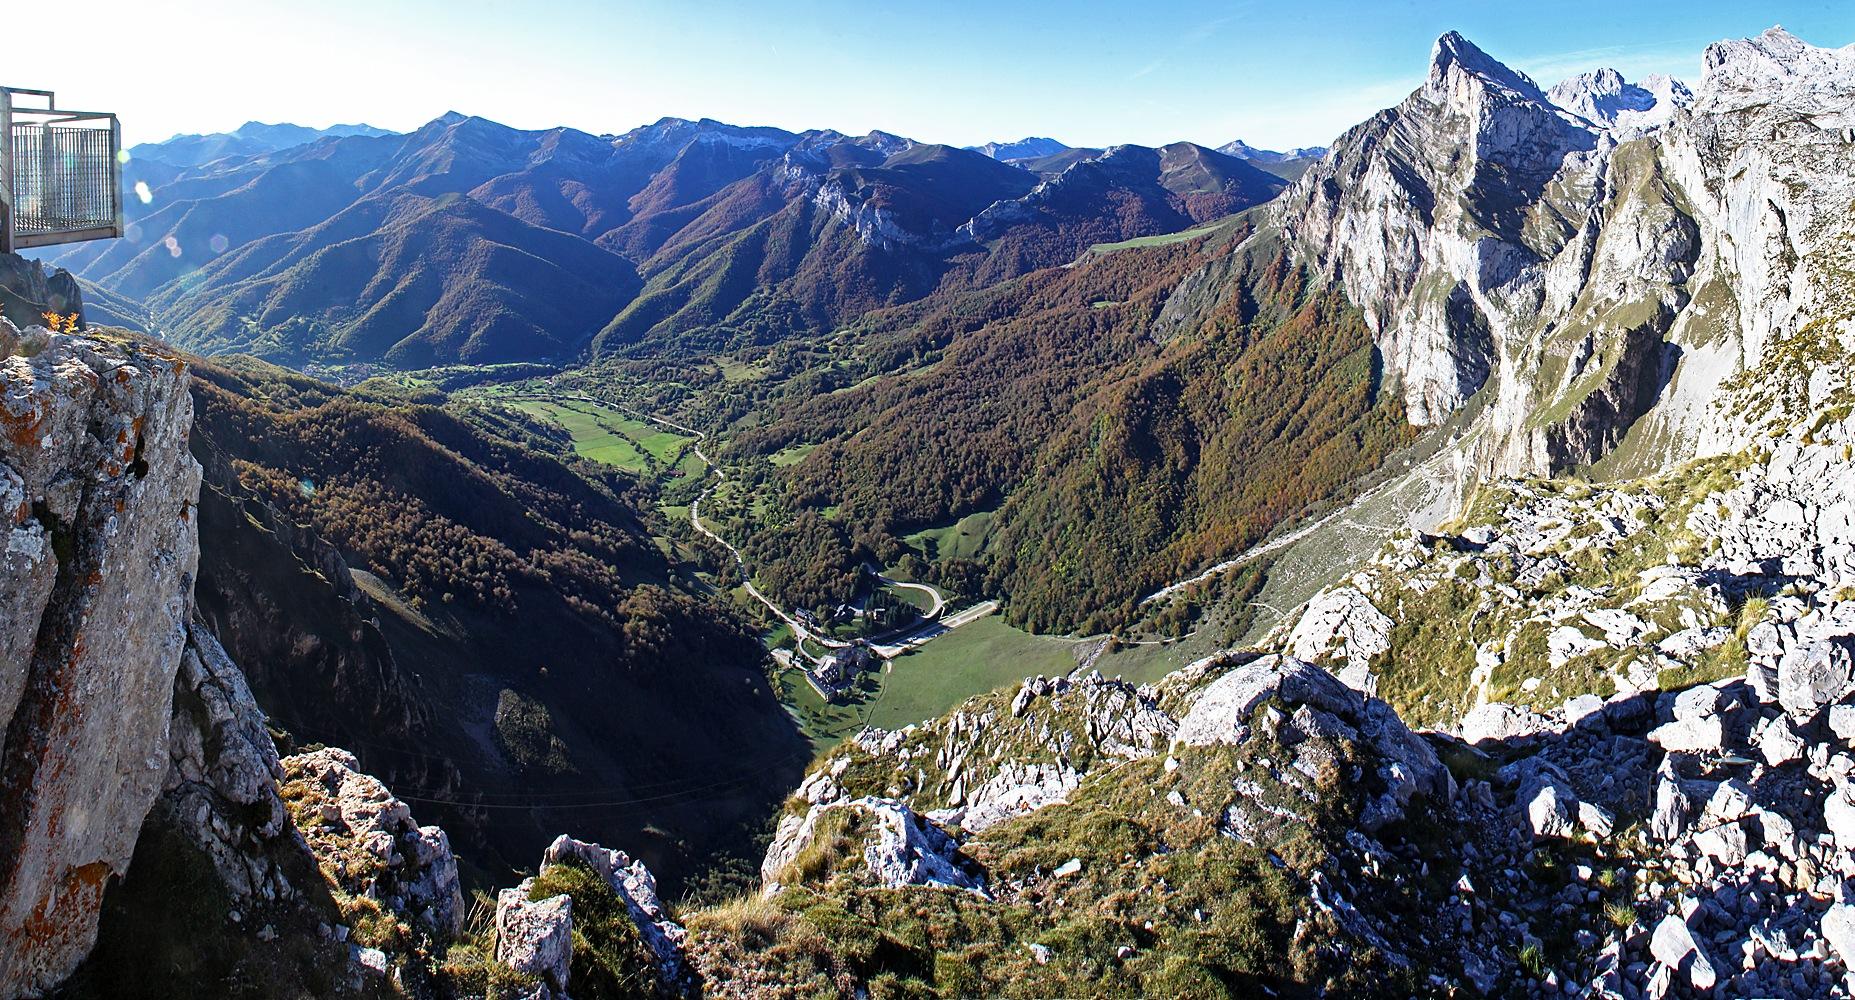 Picos de Europa View Panorama by Carl Main